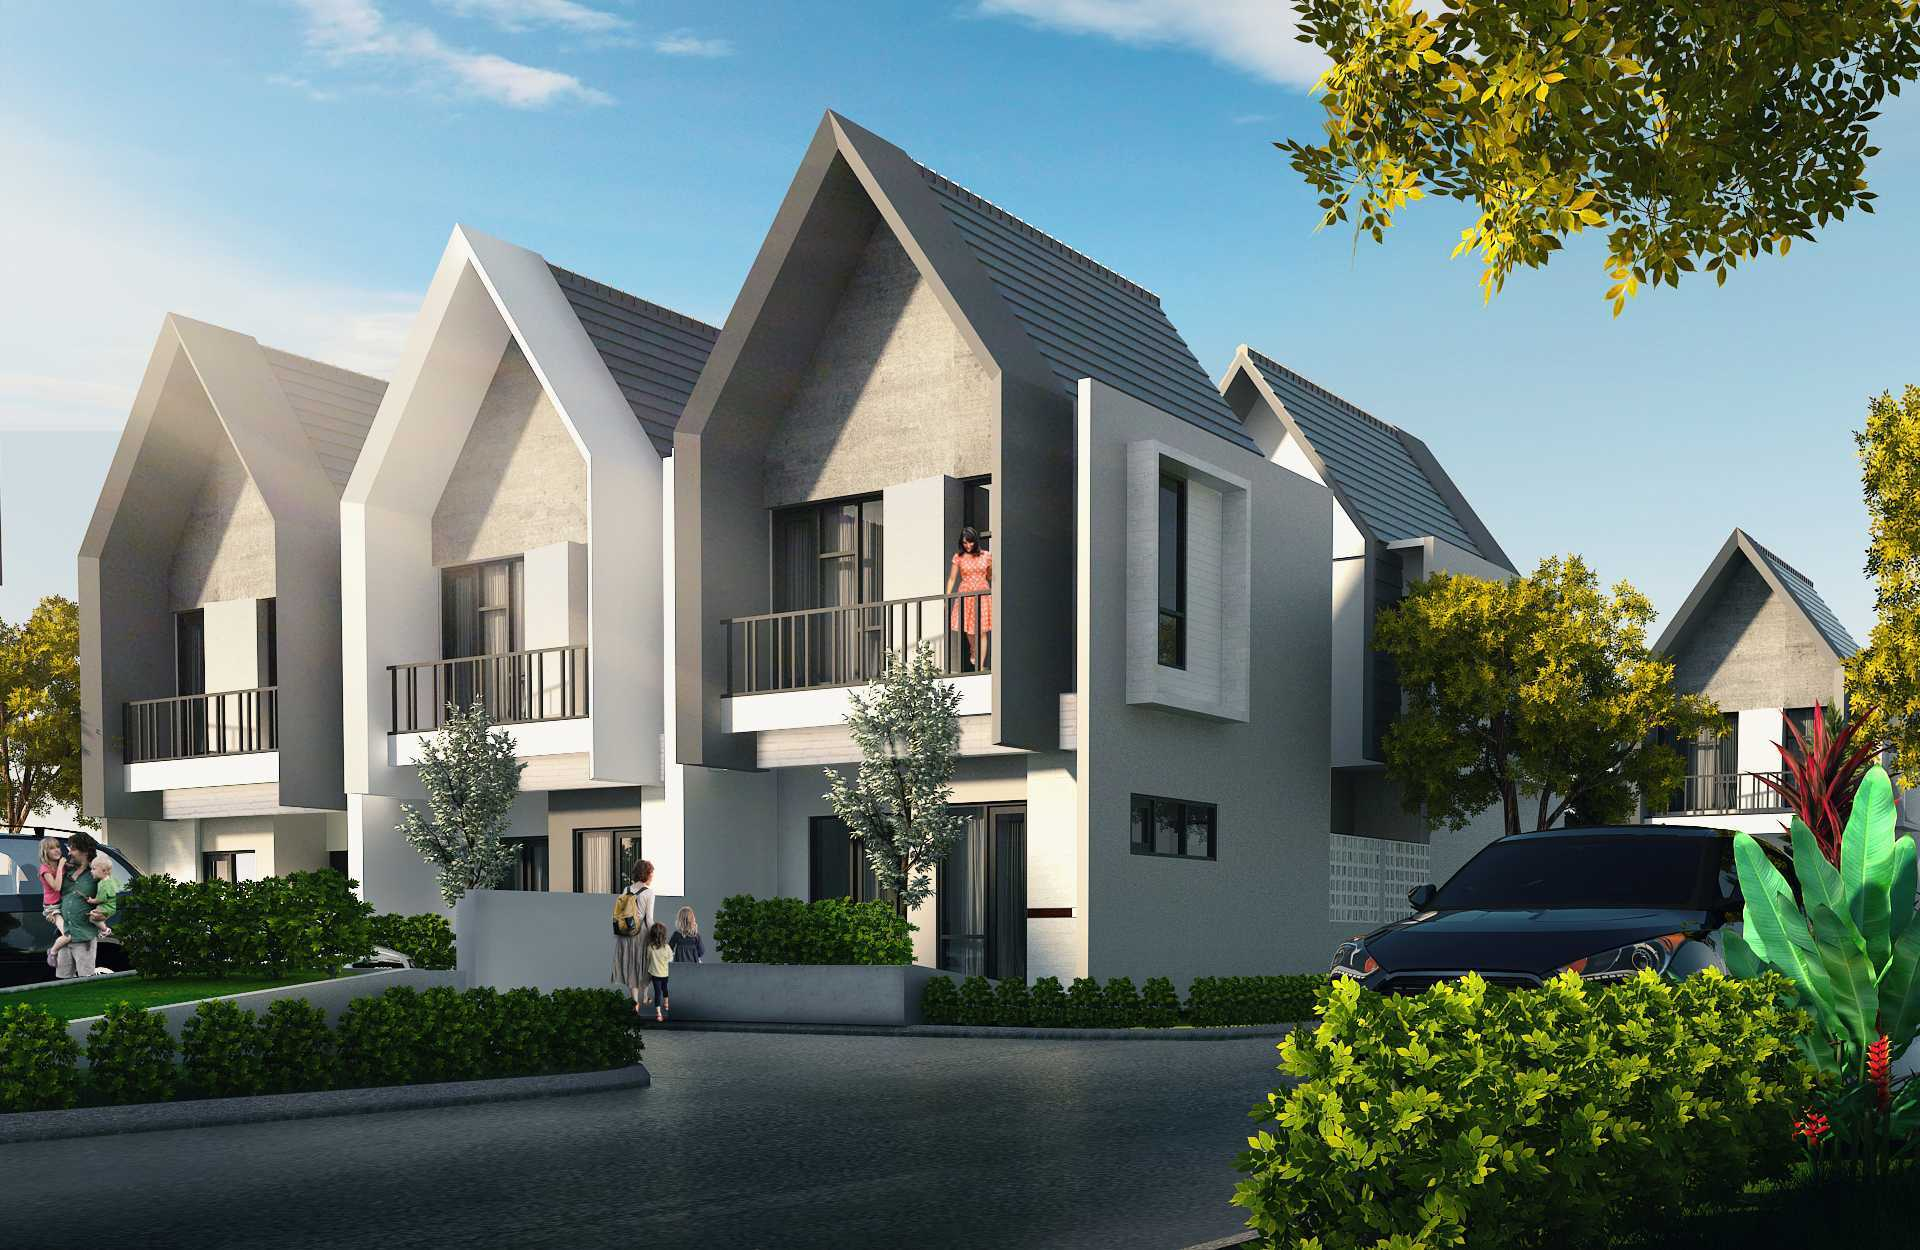 Atelier Baou Clover Park Town House  Cibinong, Bogor, Jawa Barat, Indonesia Cibinong, Bogor, Jawa Barat, Indonesia Exterior View   52358